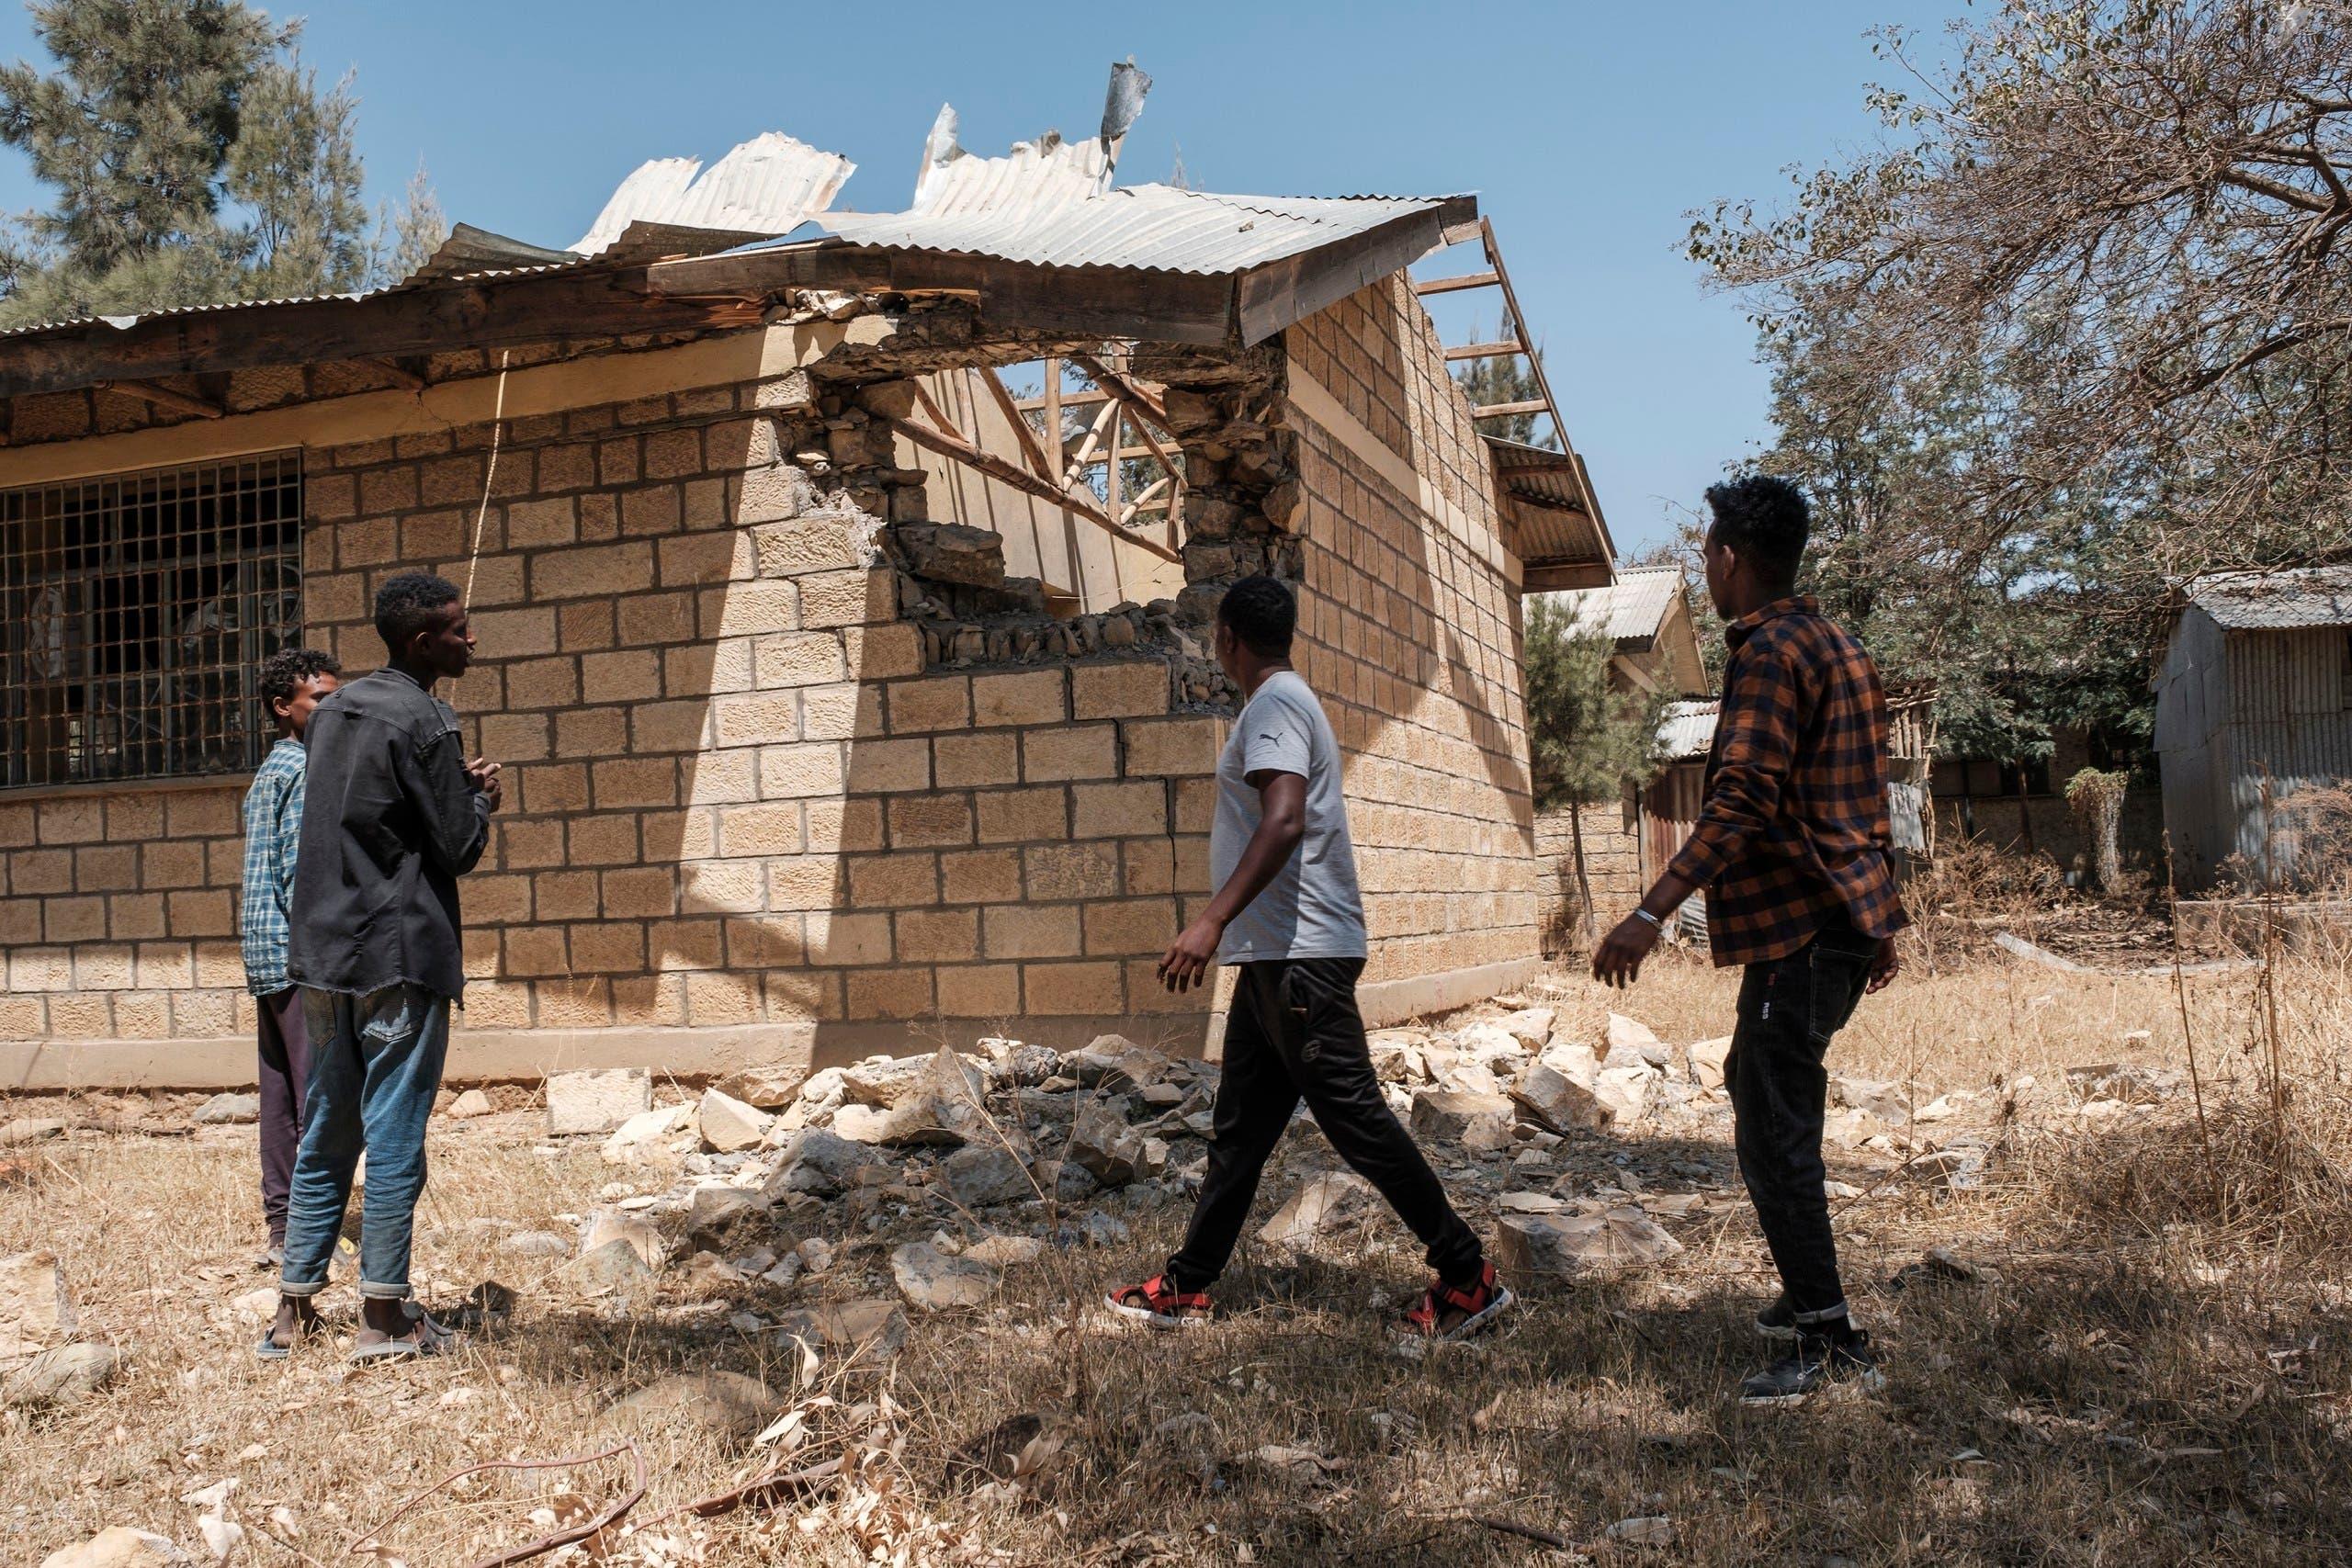 شباب يعاينون الدمار الذي لحق بالمباني في تيغراي بسبب القتال